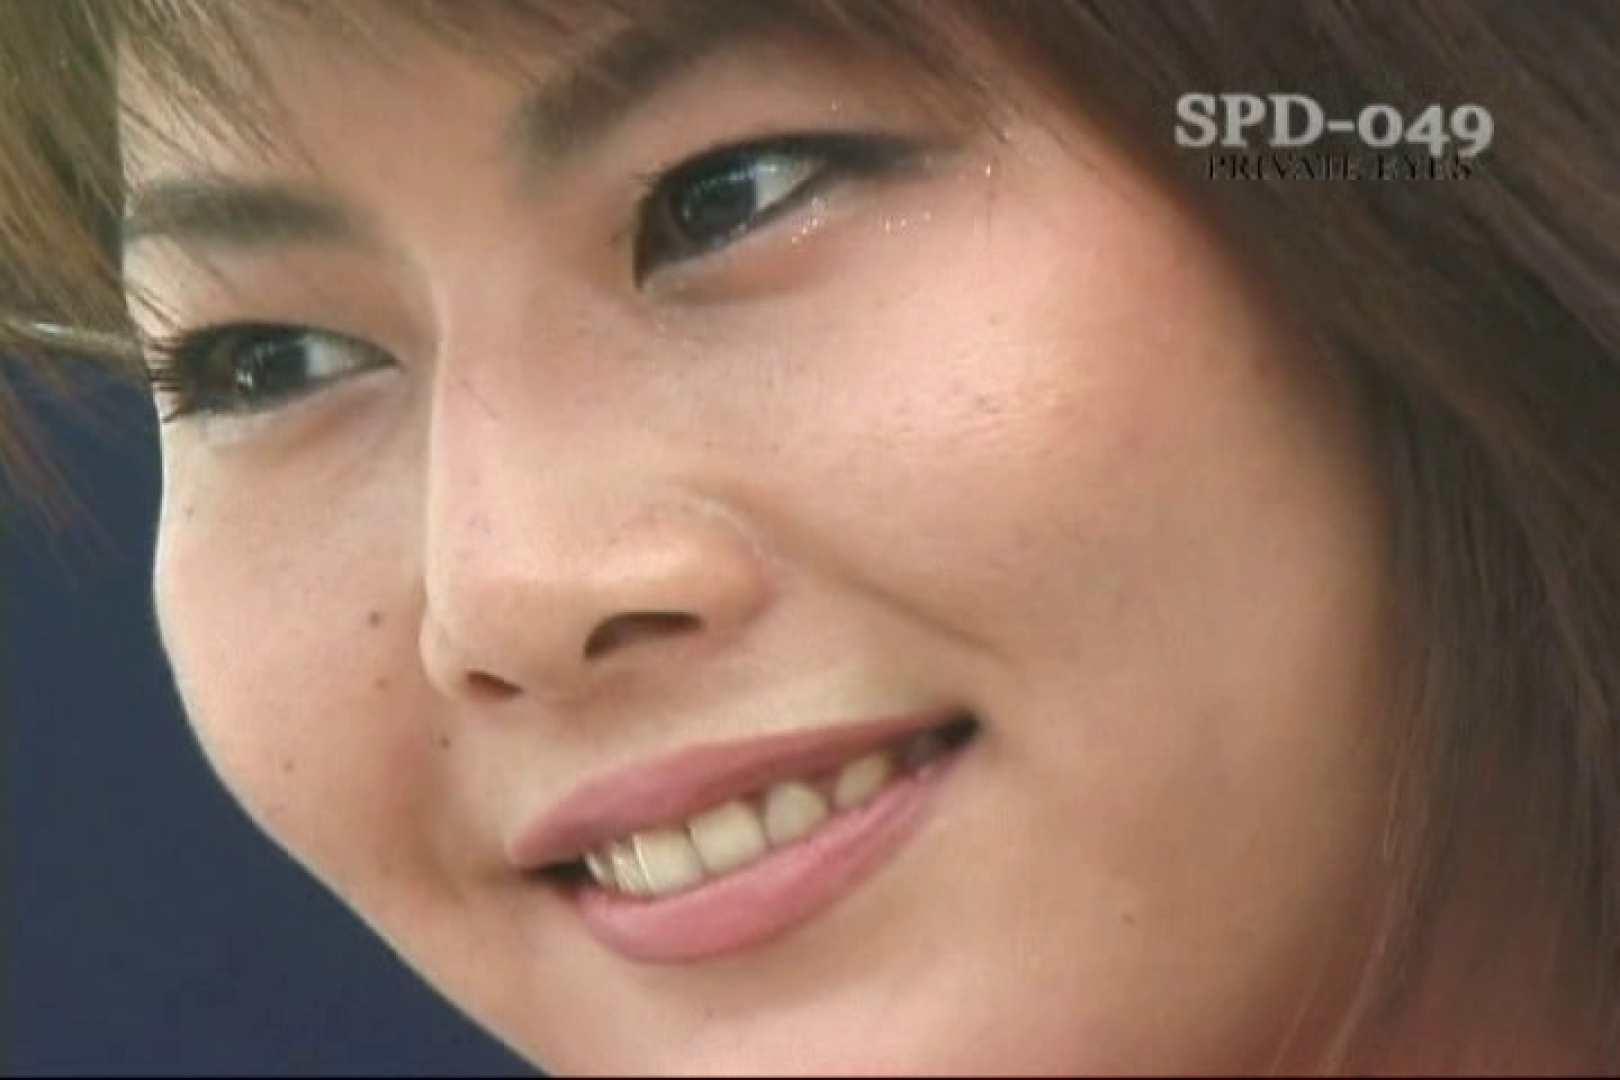 高画質版!SPD-049 サーキットの女神達 99'GT富士第5戦 高画質 濡れ場動画紹介 93pic 68